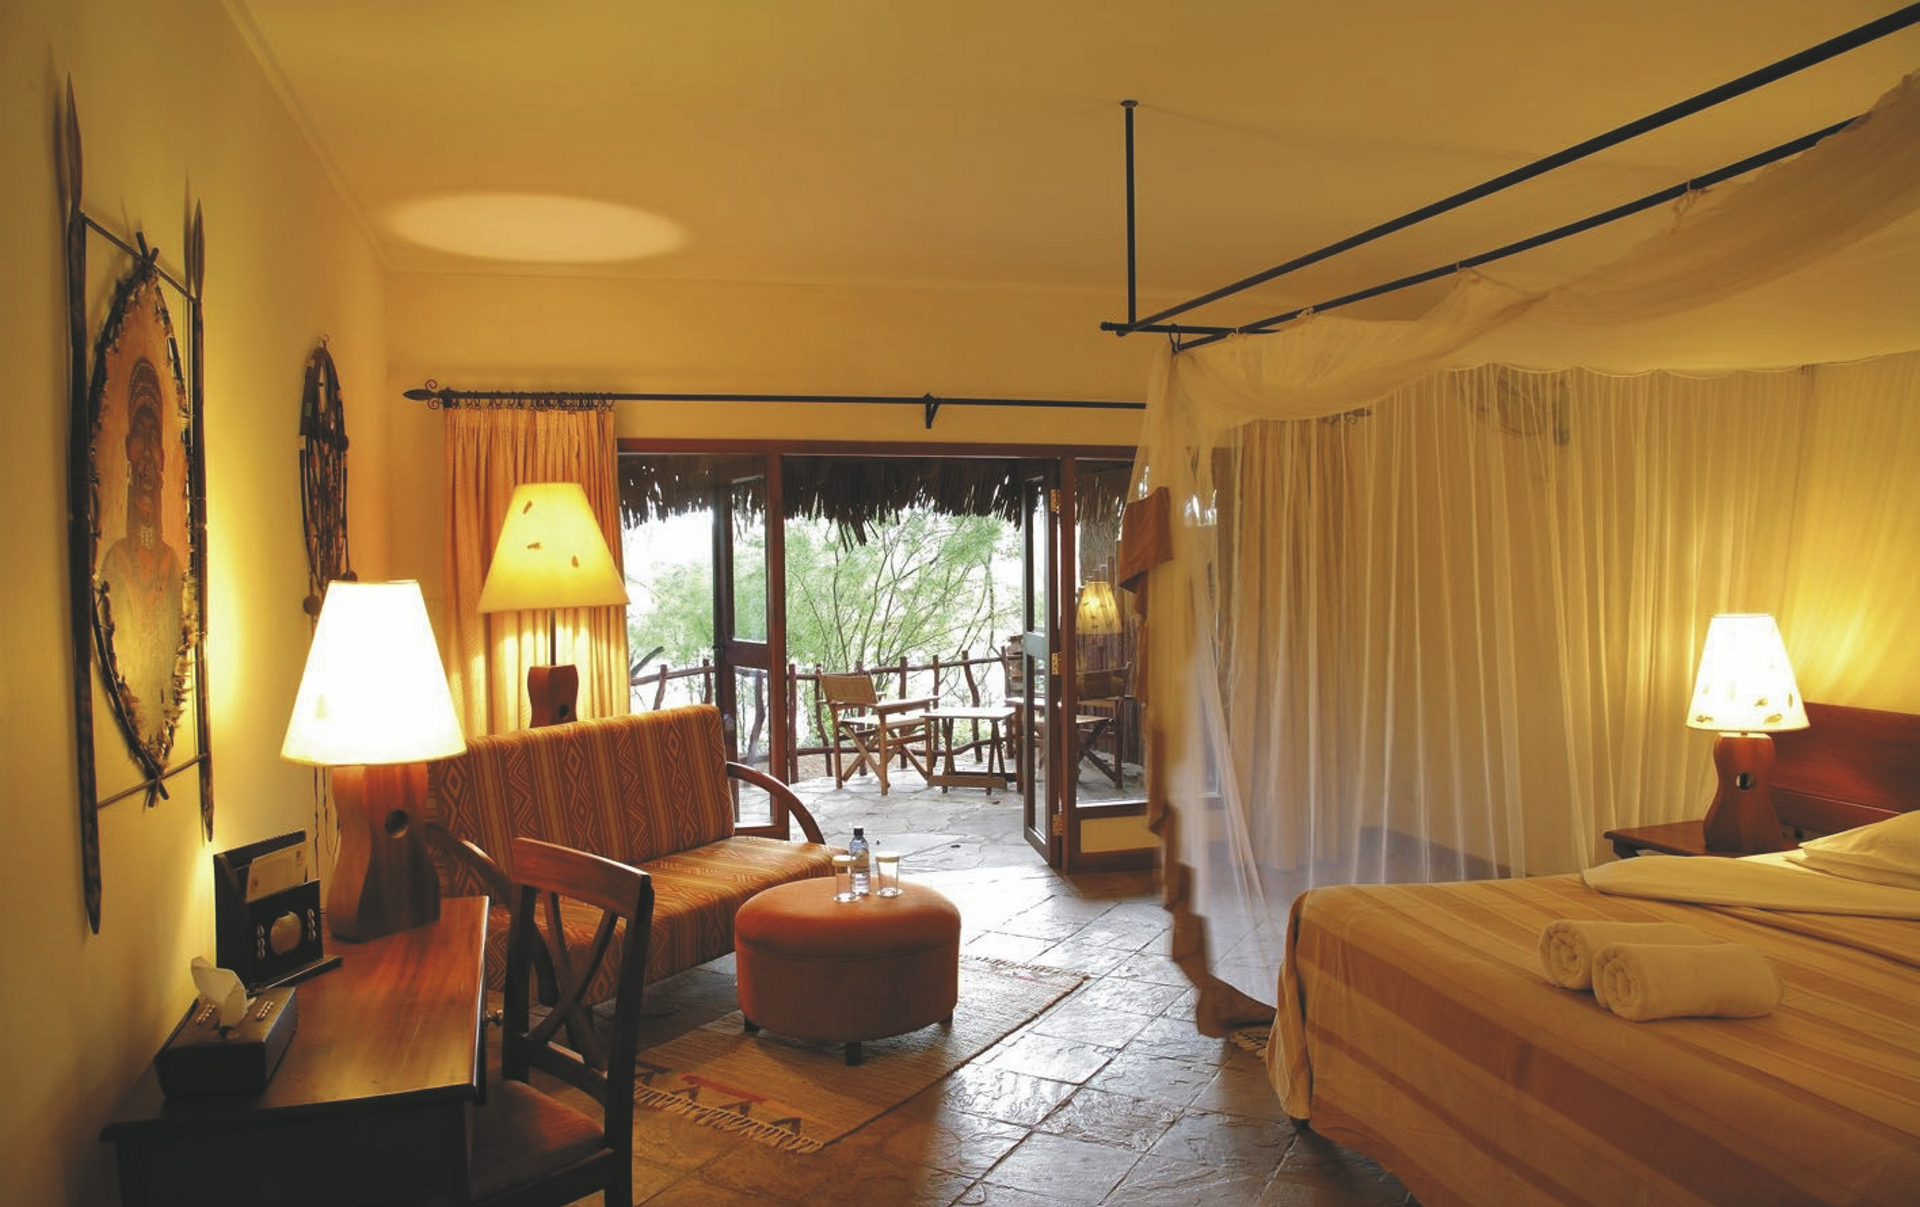 Zimmer im Safaristil